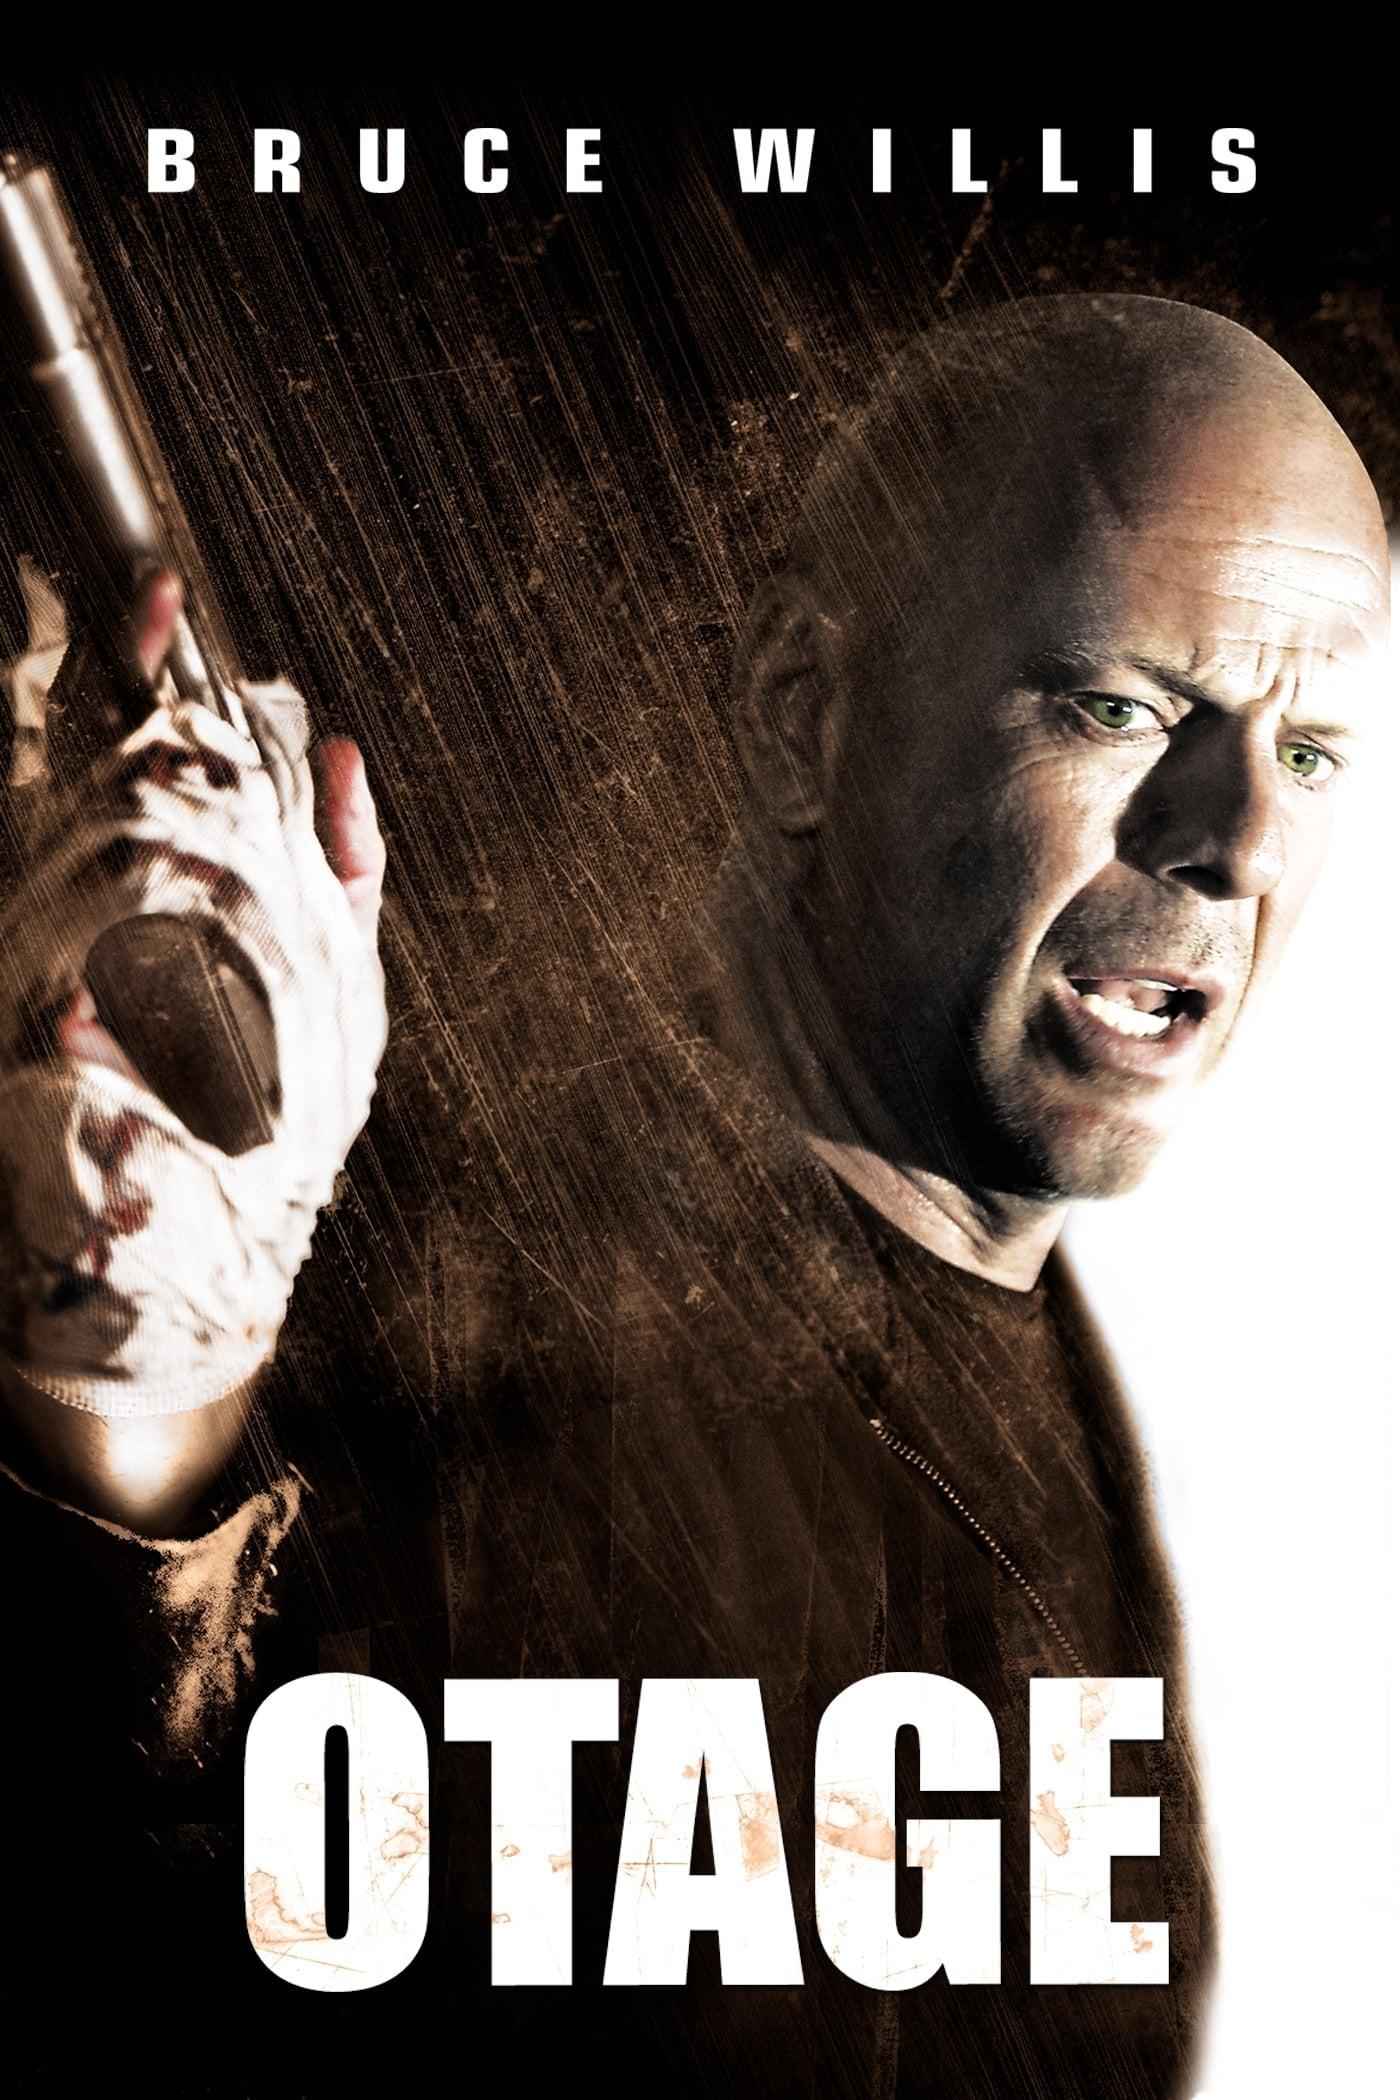 hostage - 2005